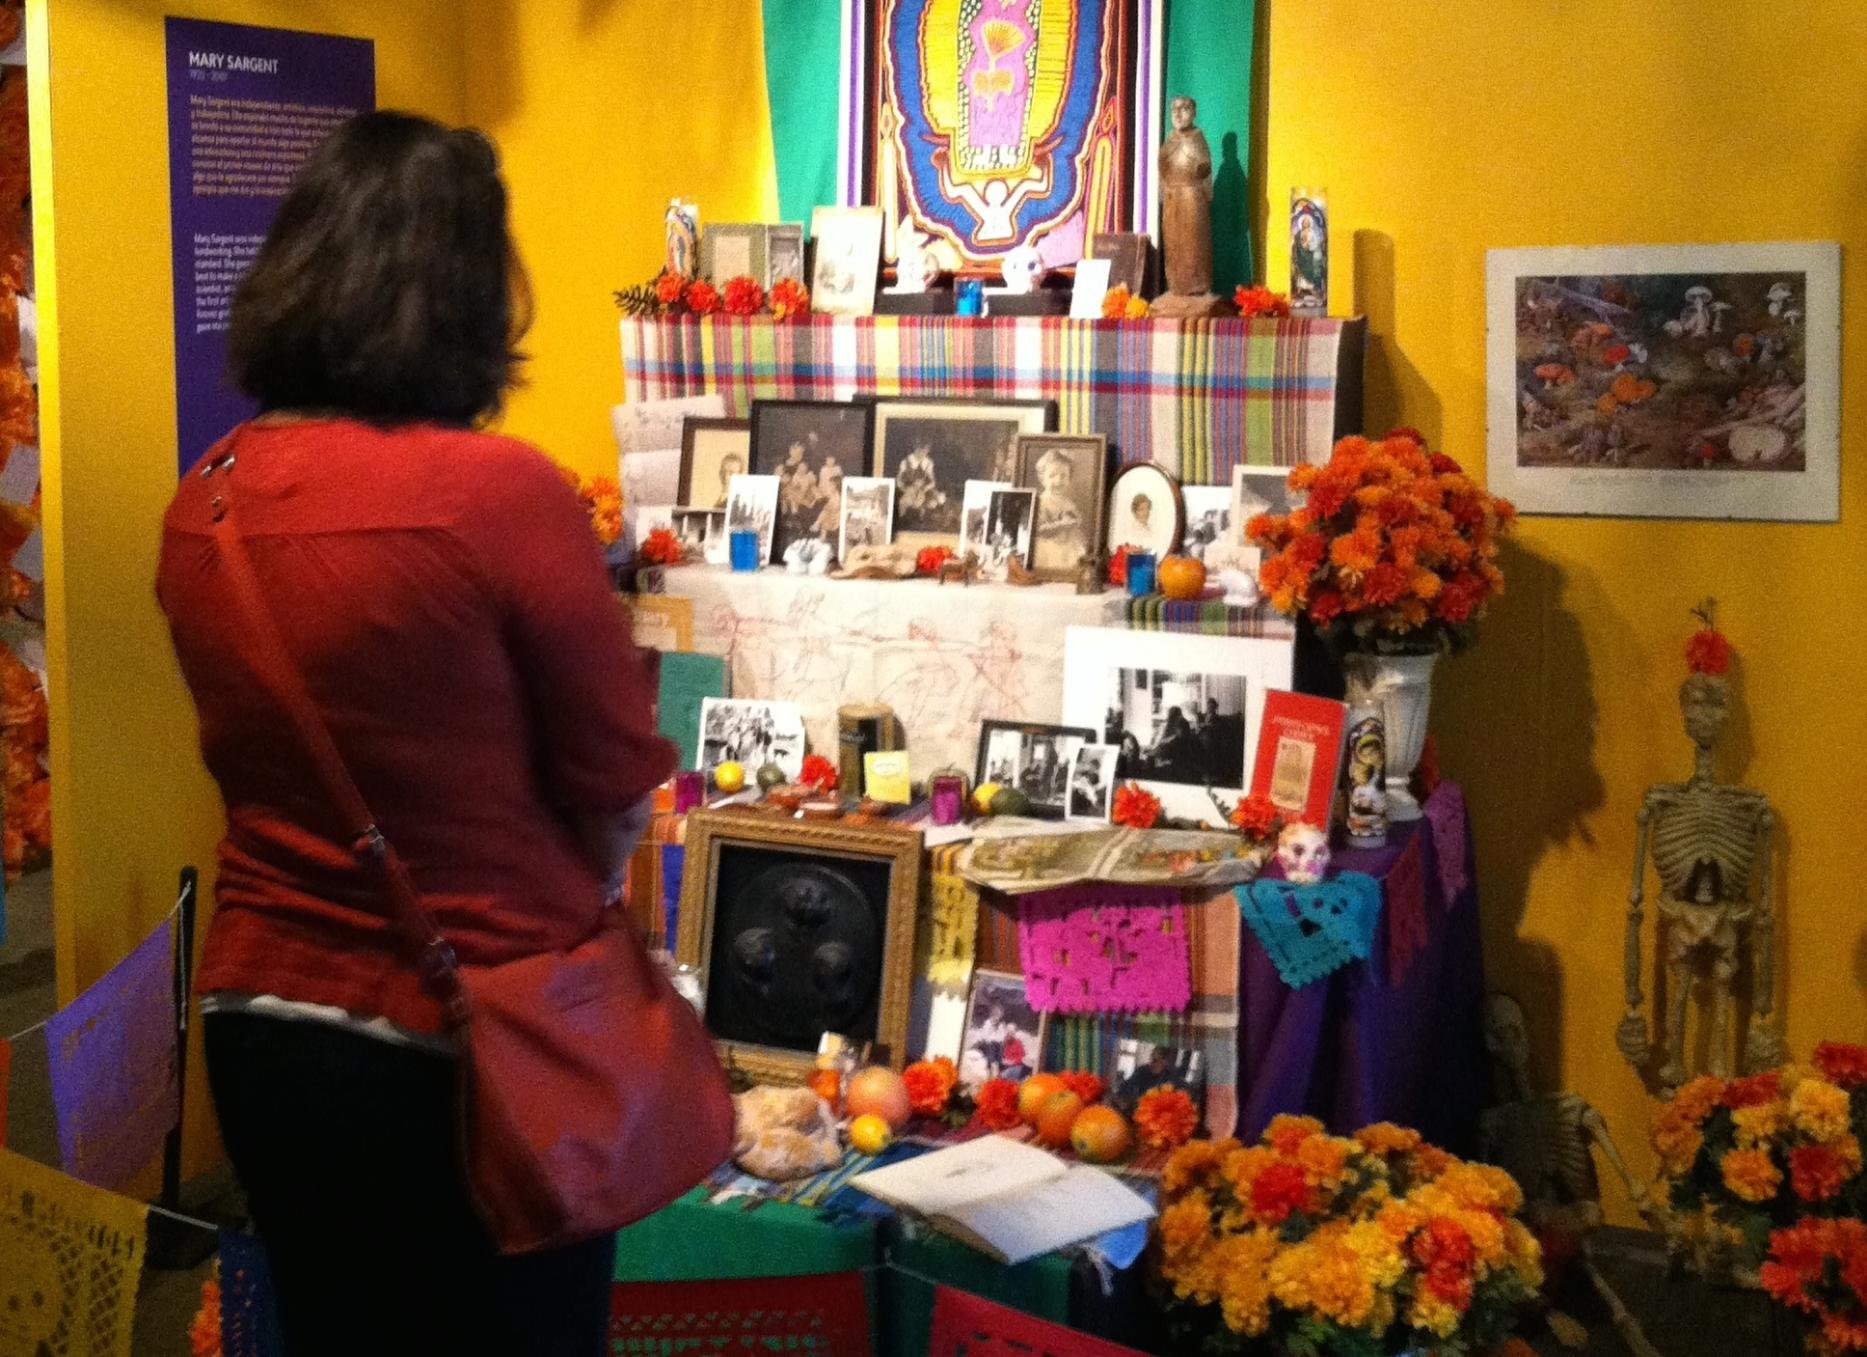 Photo by Netanel Miles-Yépez from the  Día de los Muertos exhibit at the Longmont Museum, 2014.